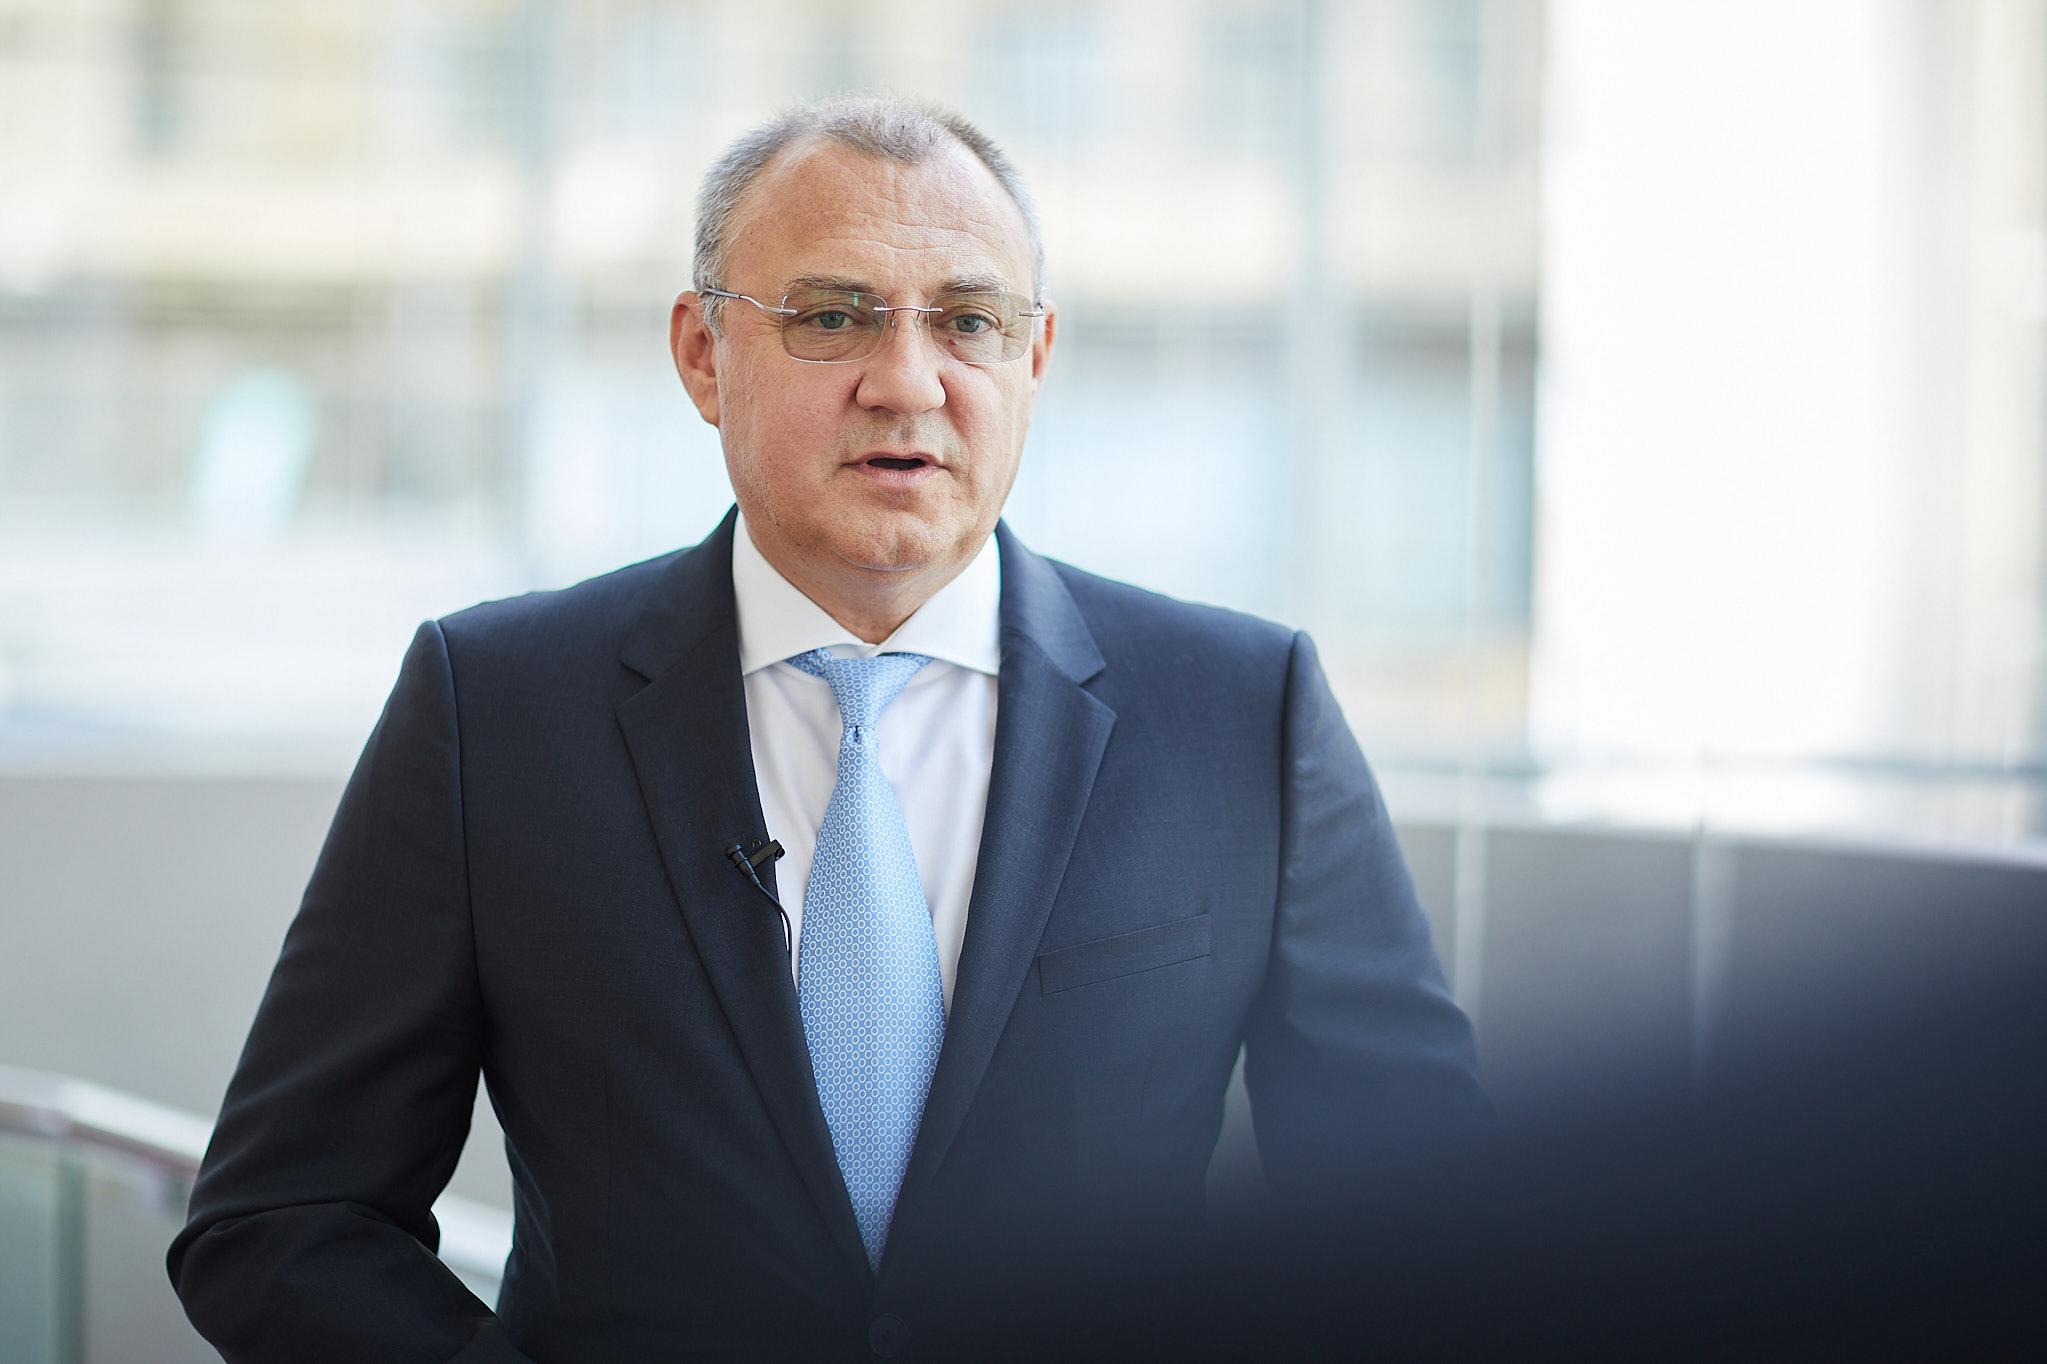 Iulian Trandafir, CEO Alliance Healthcare Romania: Portofoliul de medicamente din România a scăzut foarte mult în ultimii ani și va continua să scadă